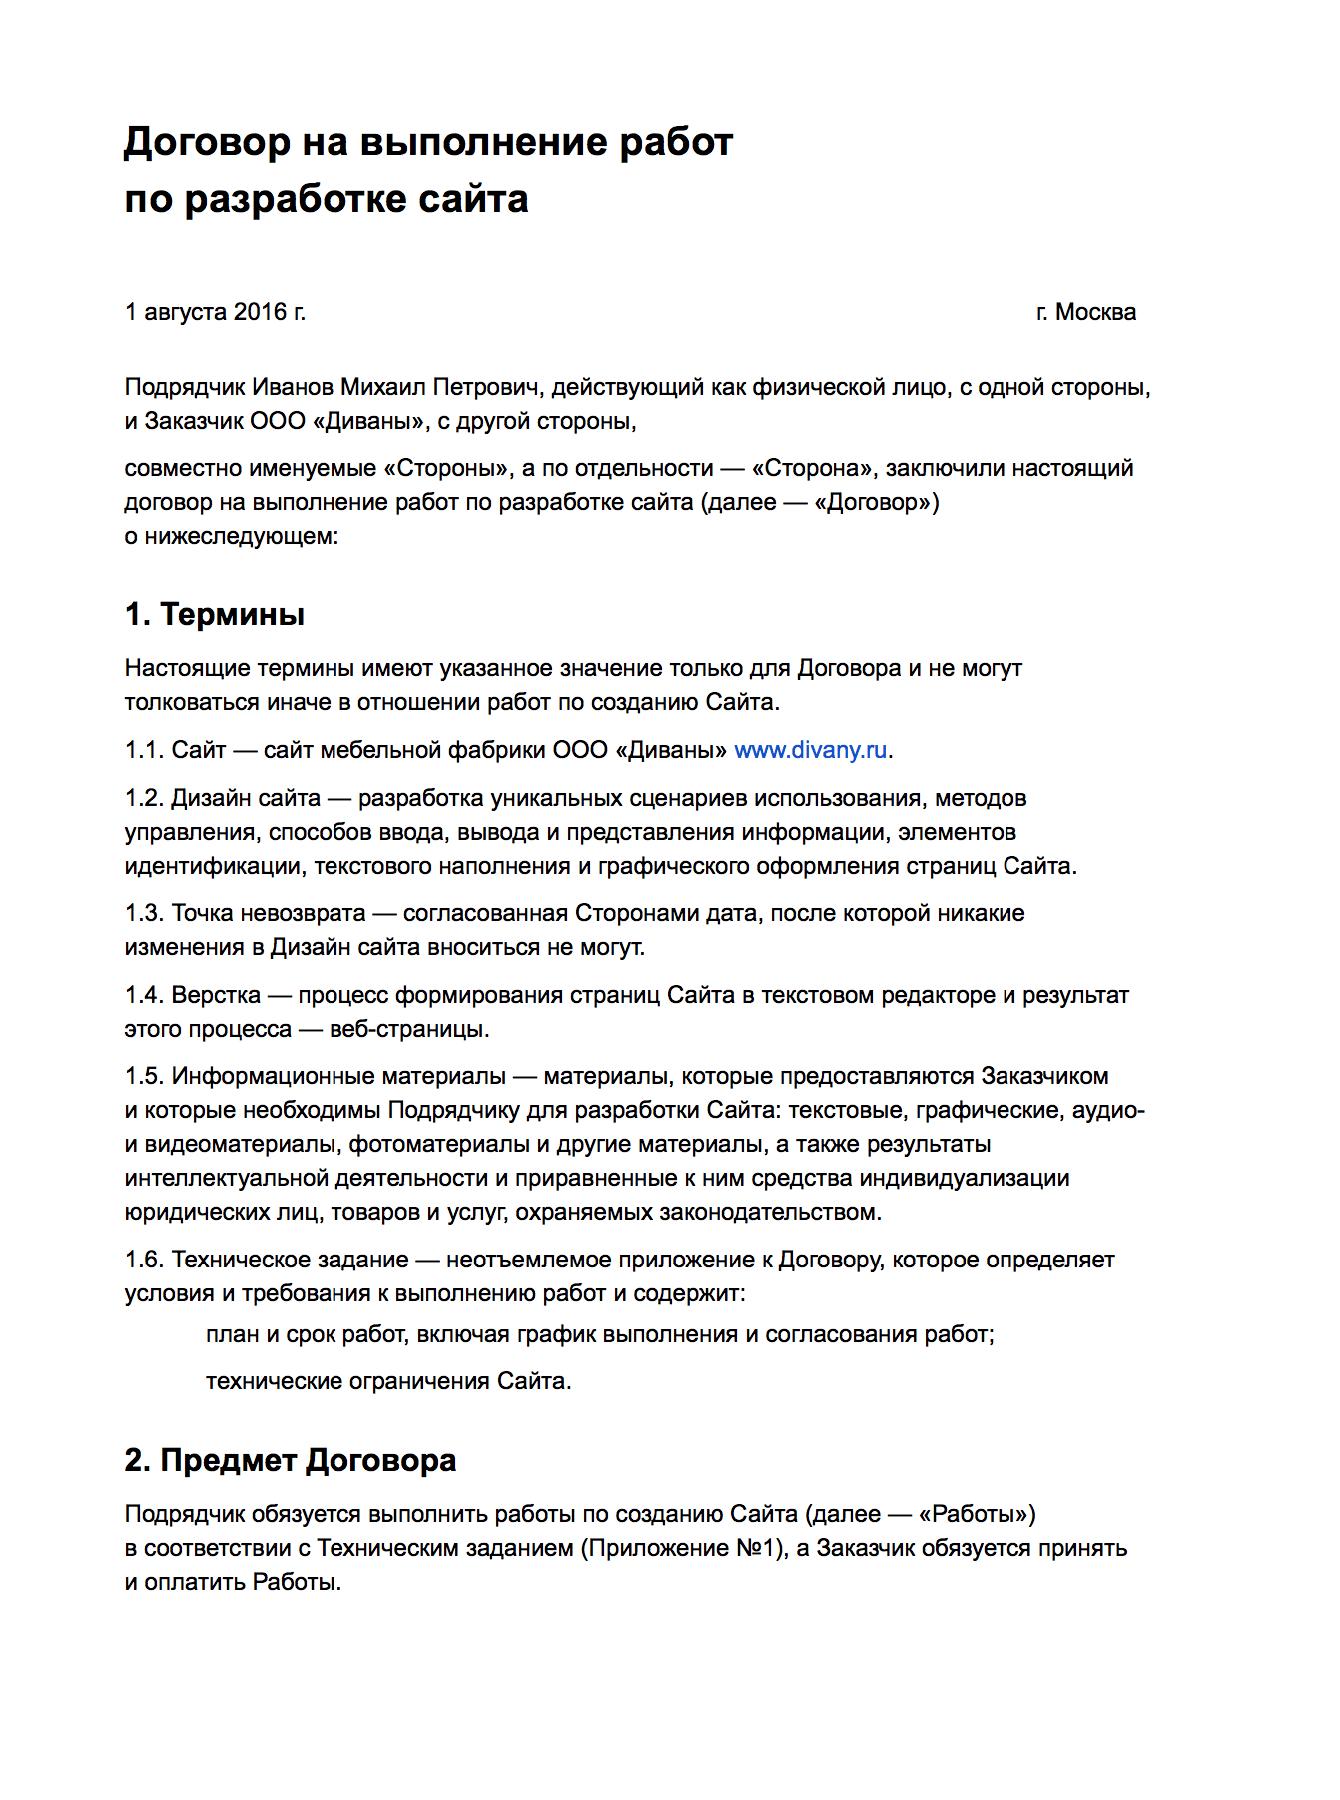 Договор клиента и иллюстратора